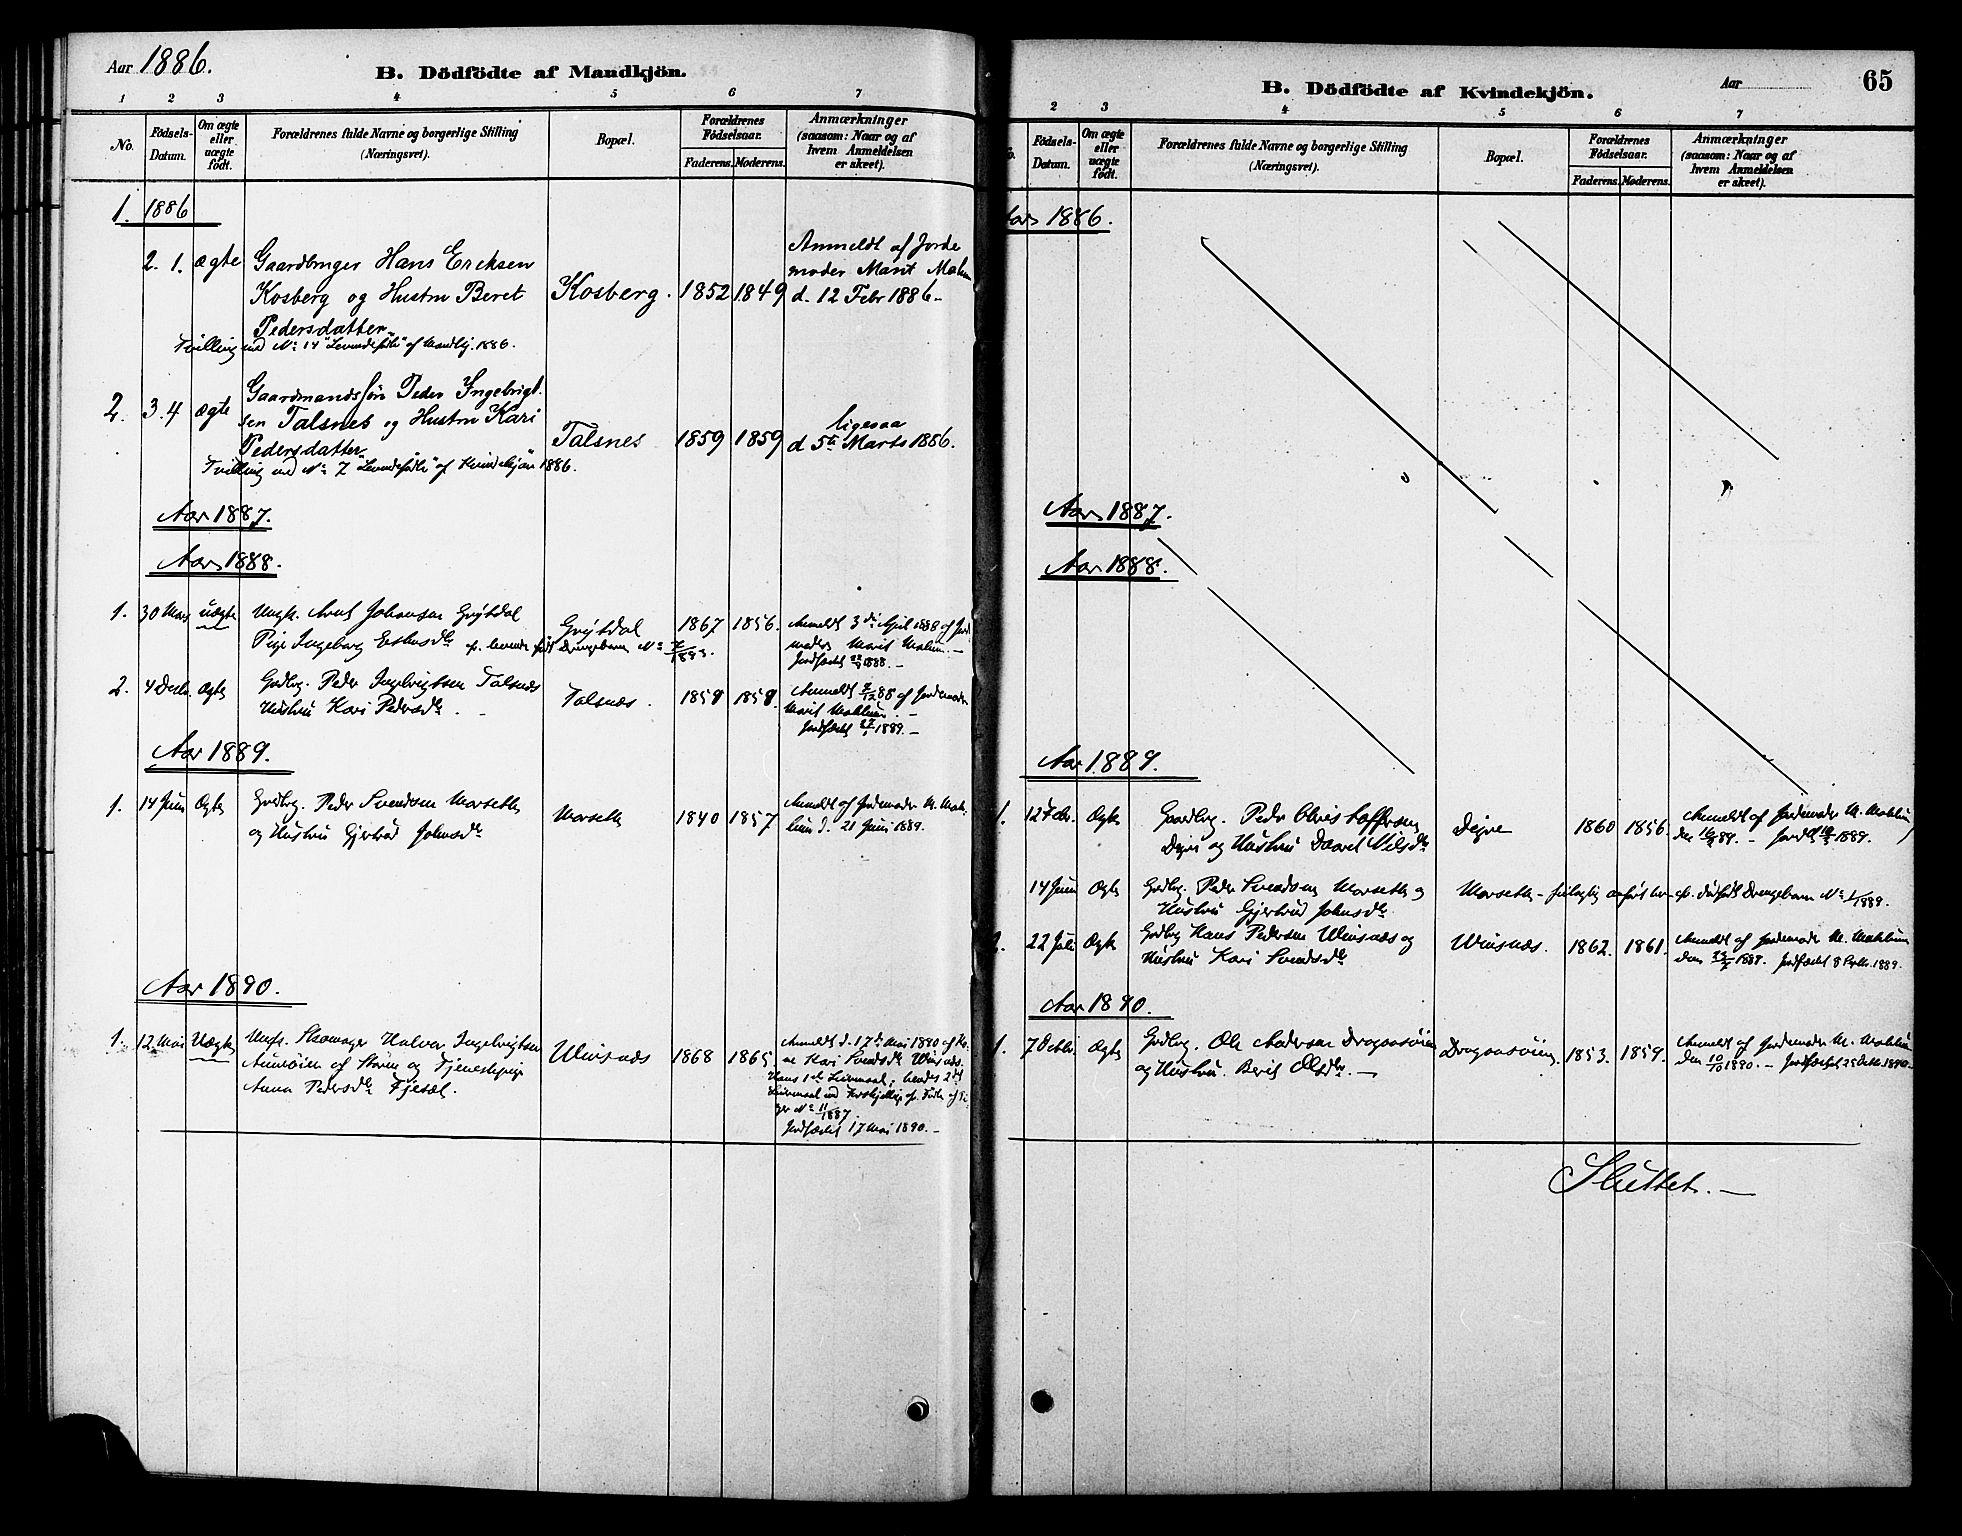 SAT, Ministerialprotokoller, klokkerbøker og fødselsregistre - Sør-Trøndelag, 688/L1024: Ministerialbok nr. 688A01, 1879-1890, s. 65